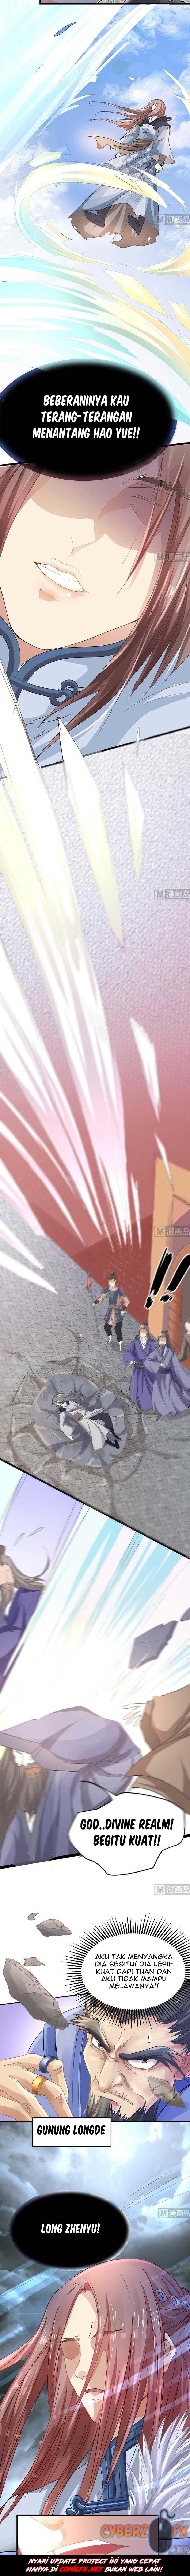 Spoiler Manhua Nine Days of Martial Arts 2